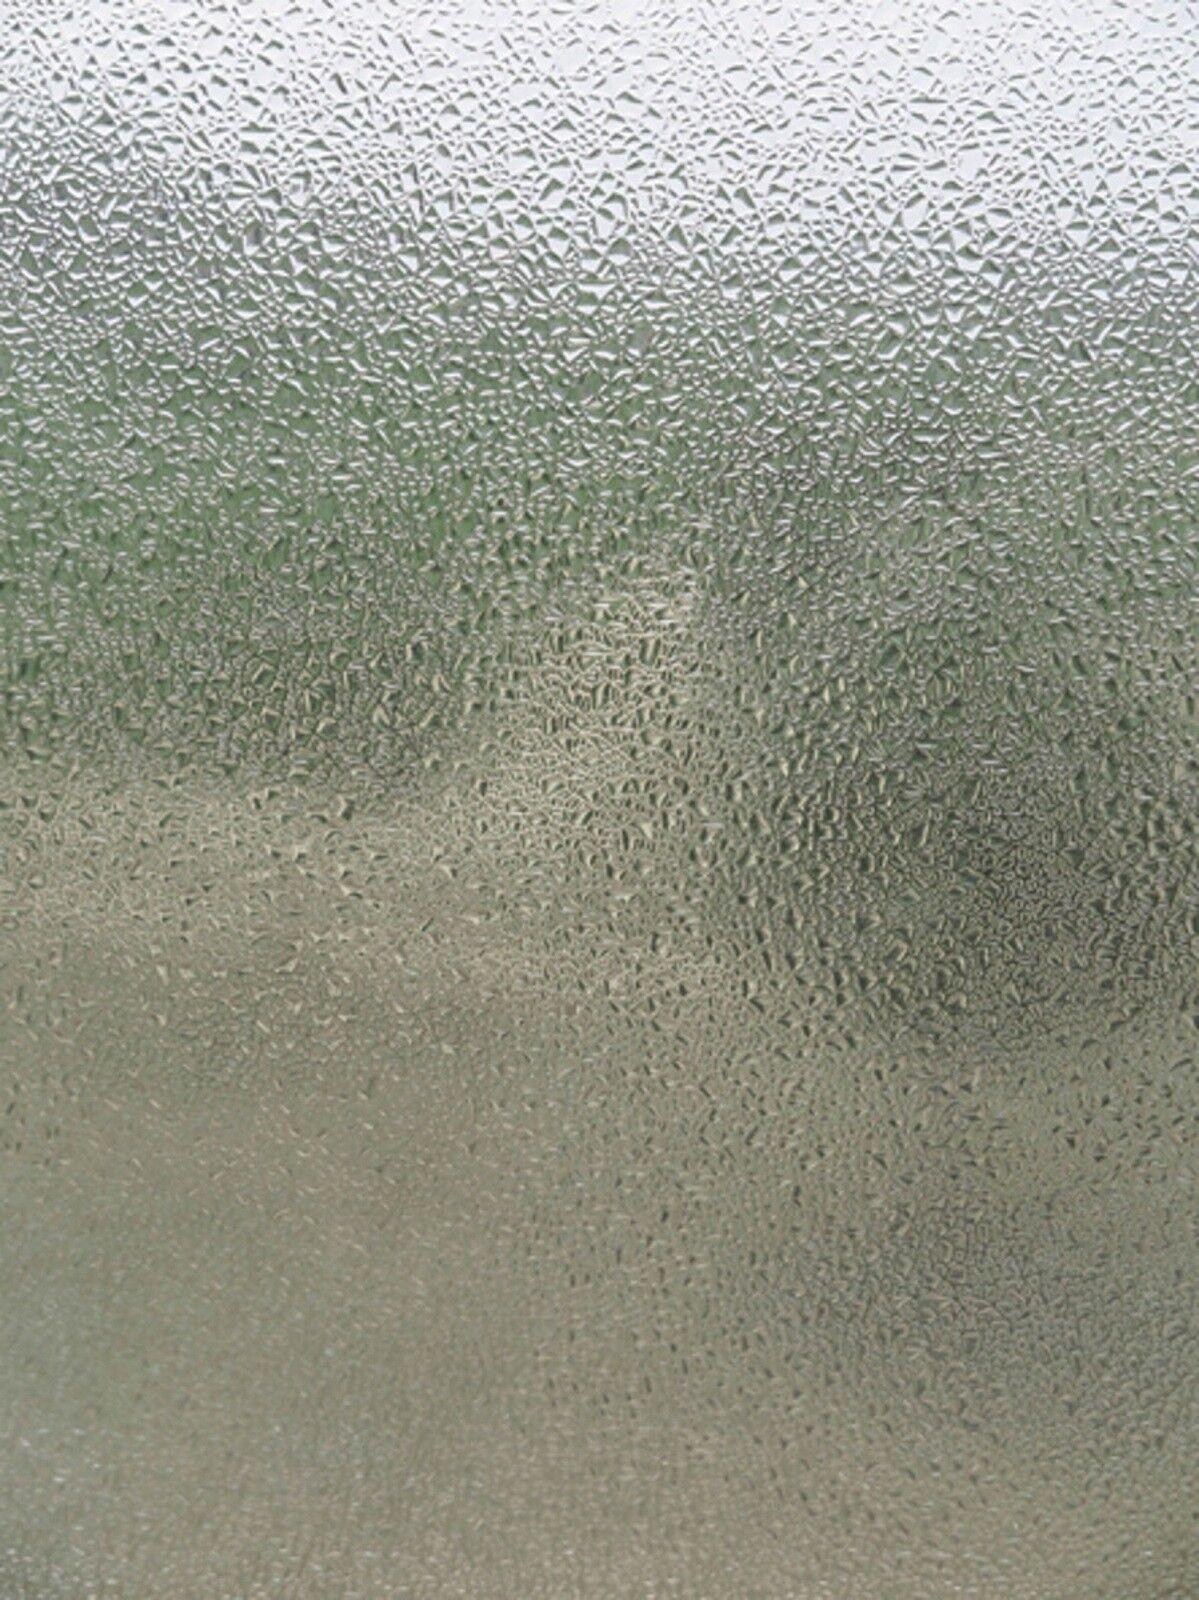 Fensterfolie Sichtschutz statisch Classic Classic Classic 46 cm hoch Sichtschutzfolie Größenwahl | Bunt,  7ba6bf